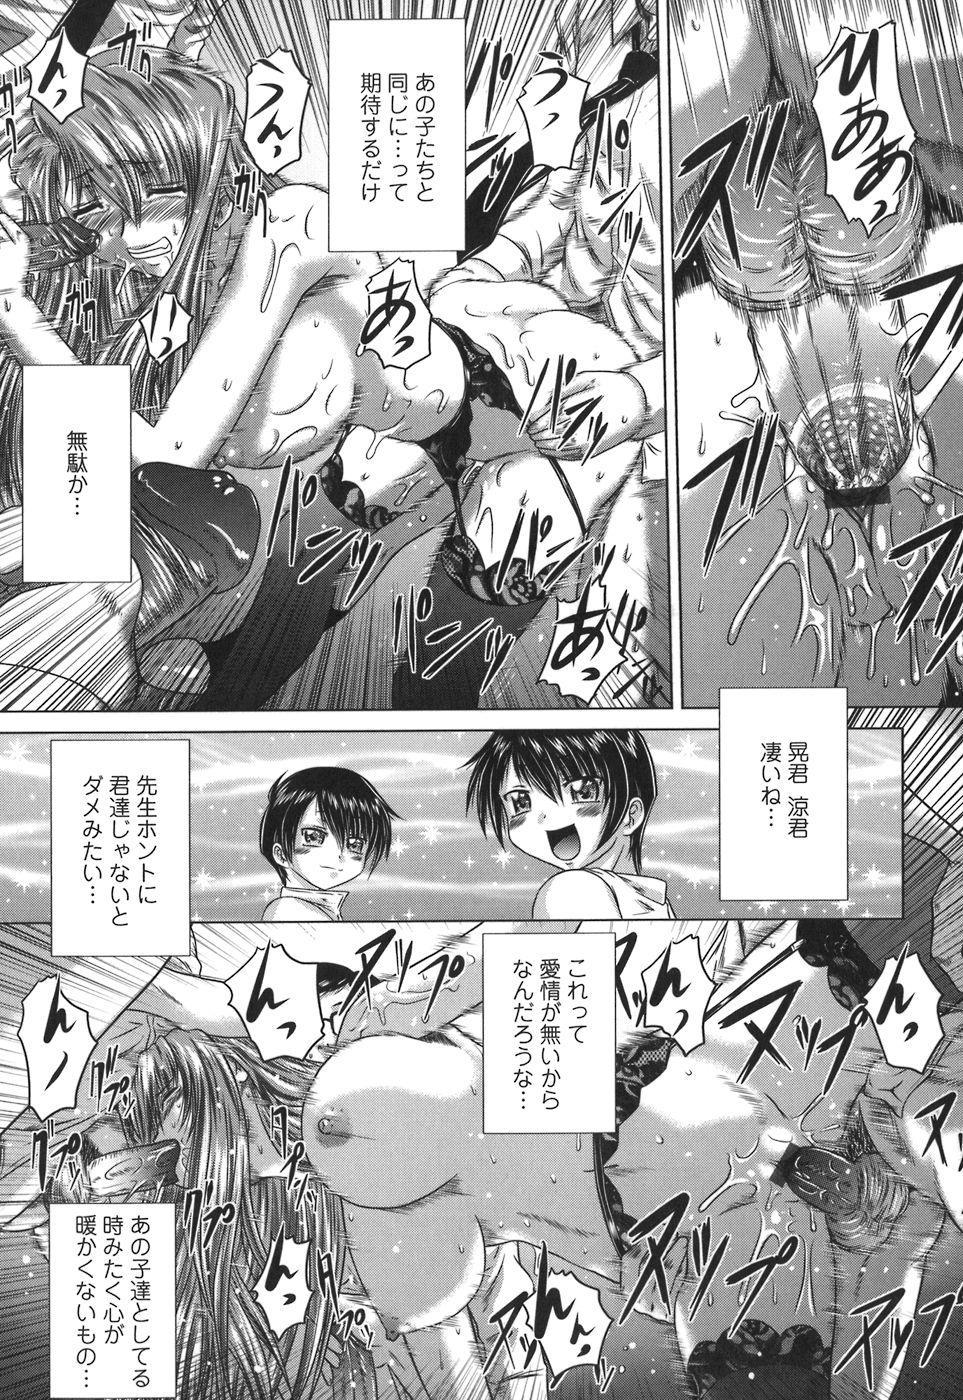 Iroka no Himitsu 53